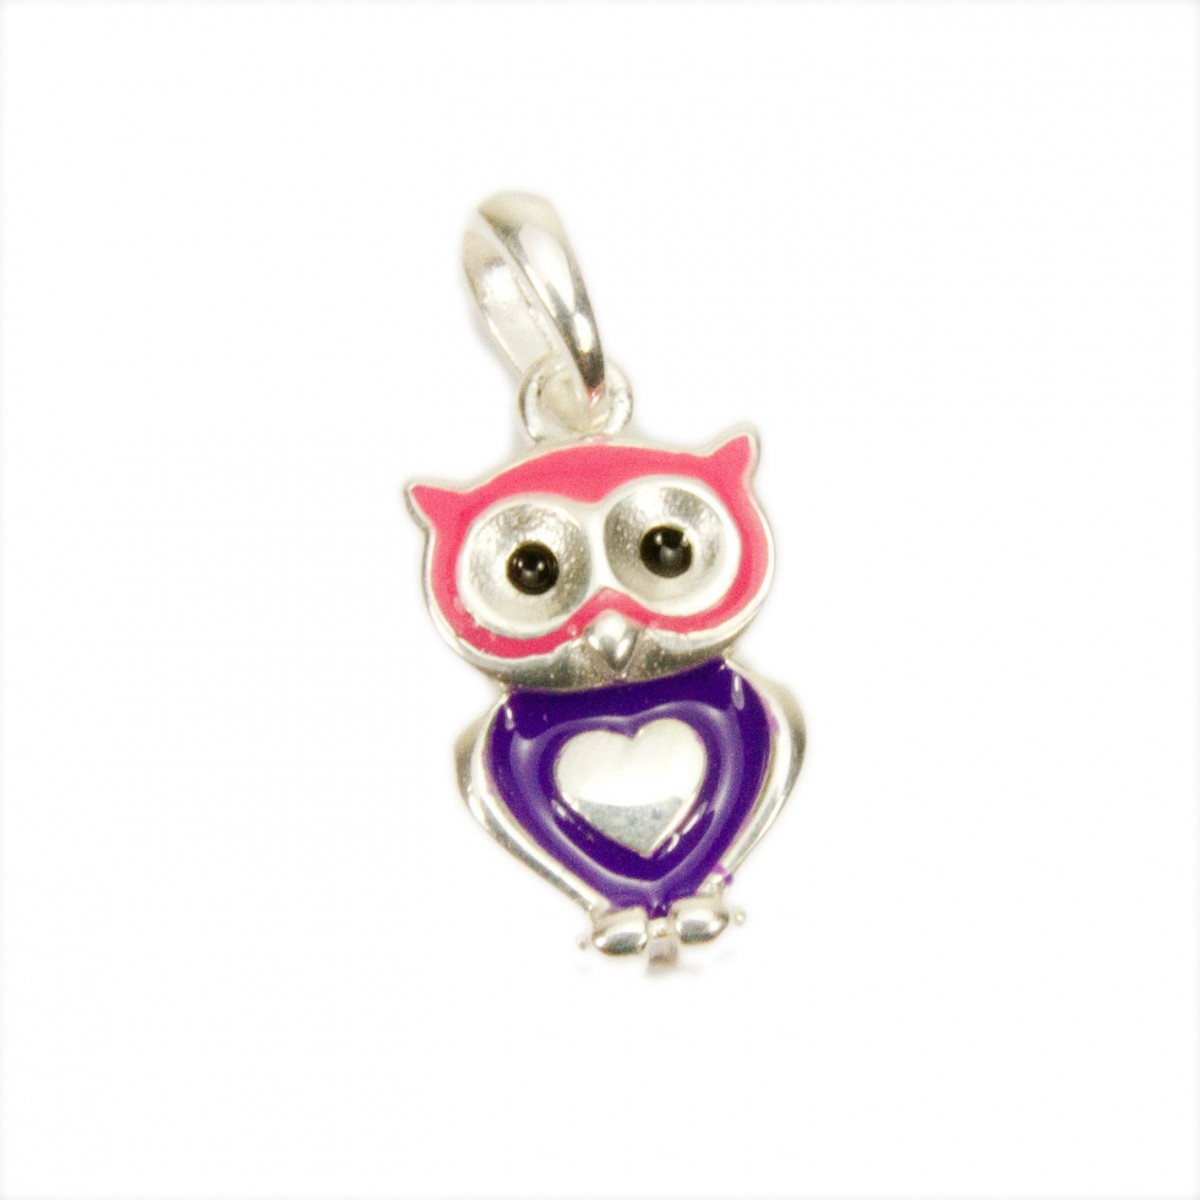 Kinderschmuck Stecker Eule Uhu rosa violett pink Ohrstecker Silber 925